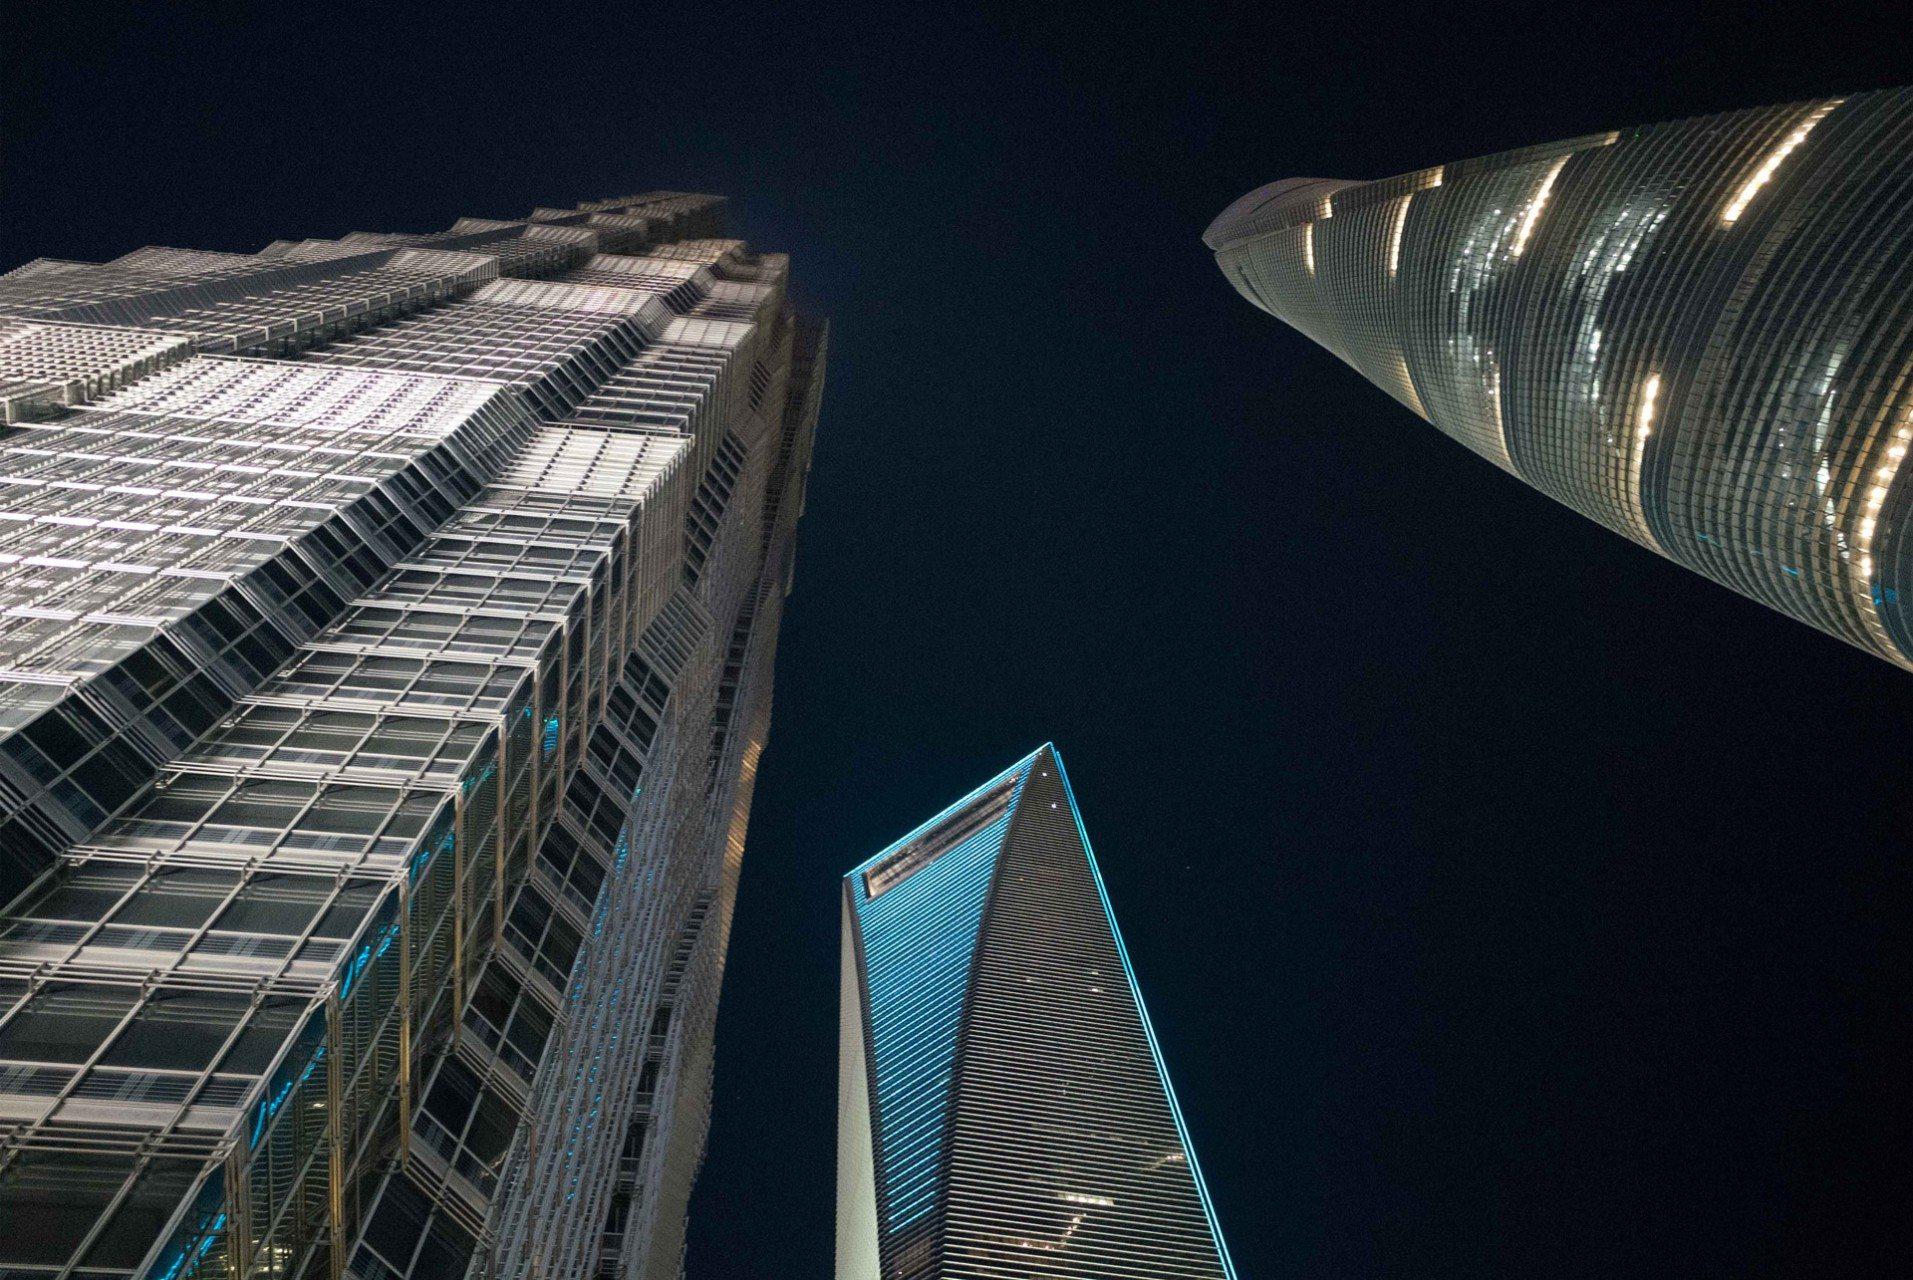 Die drei Superwolkenkratzer. Jin Mao Towers, Shanghai World Financial Center und der Shanghai Tower